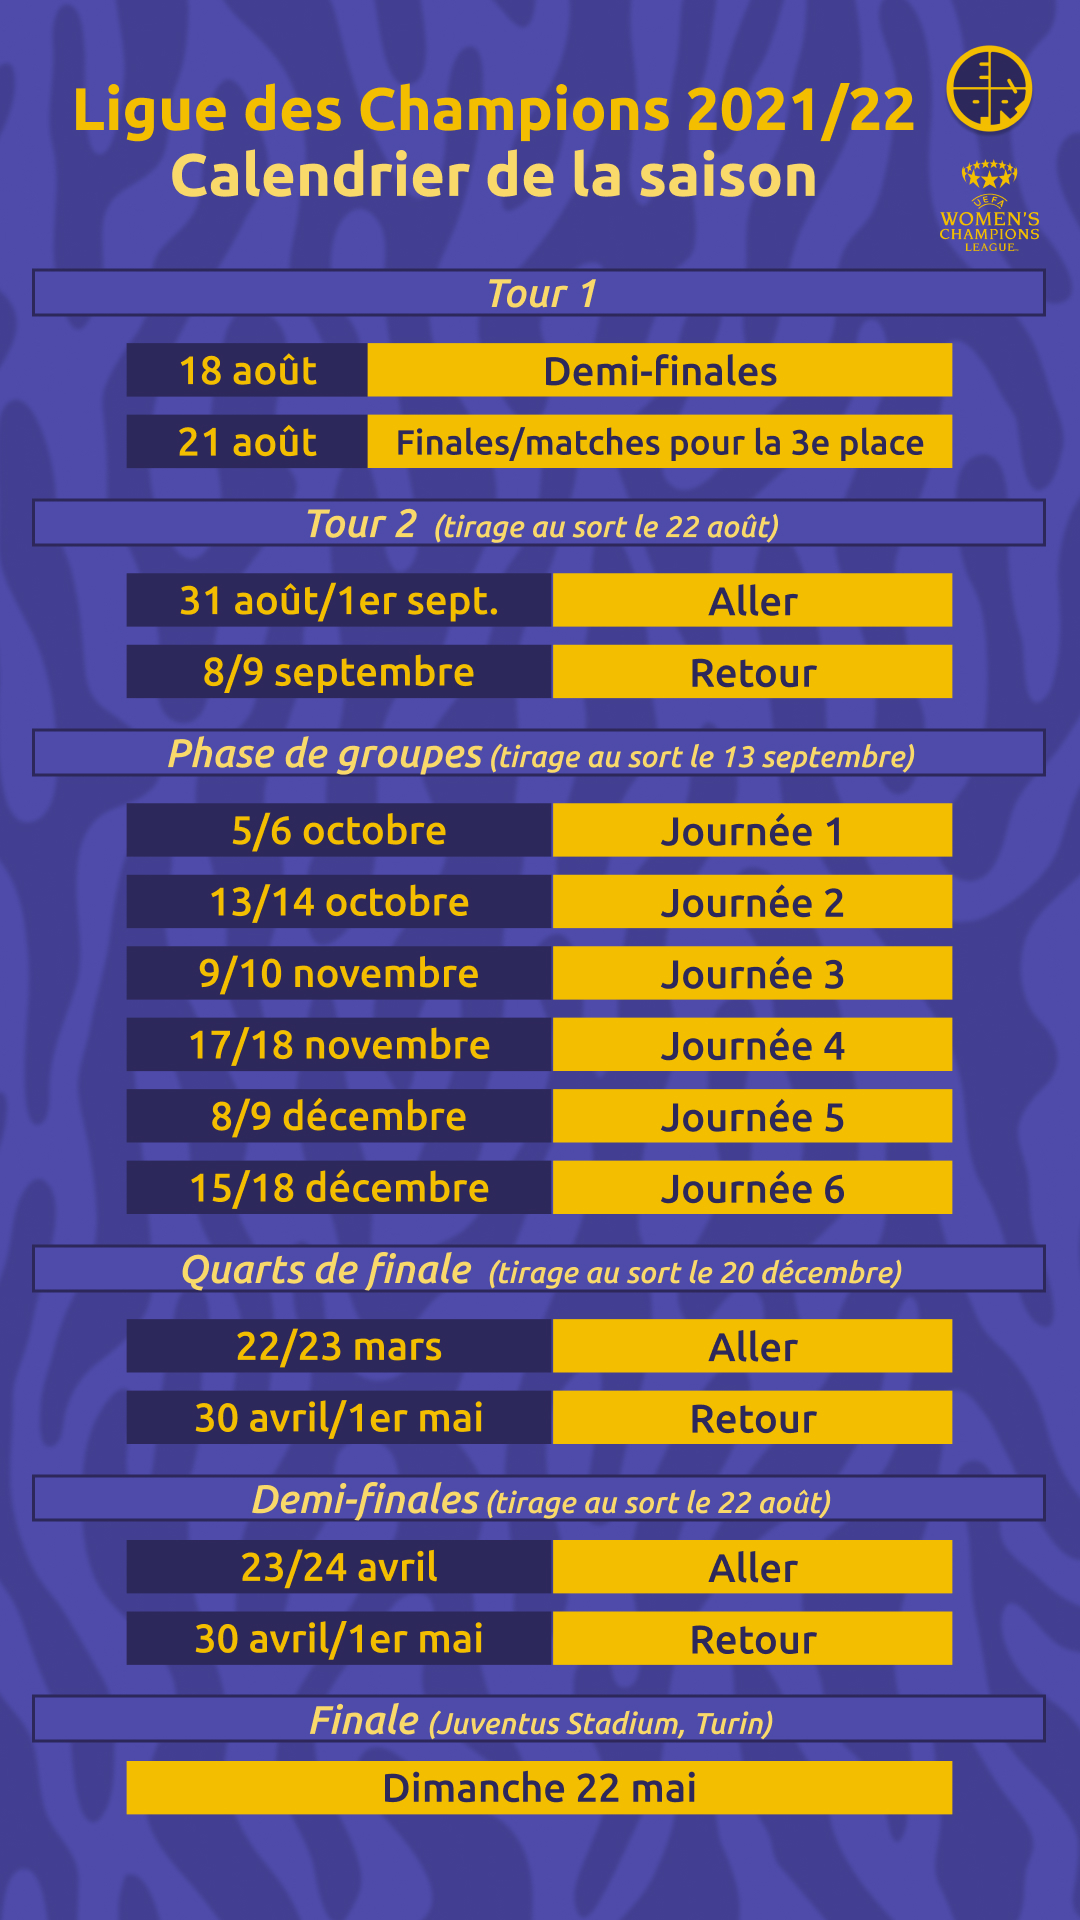 Calendrier de la Ligue des Champions féminine 2021/2022